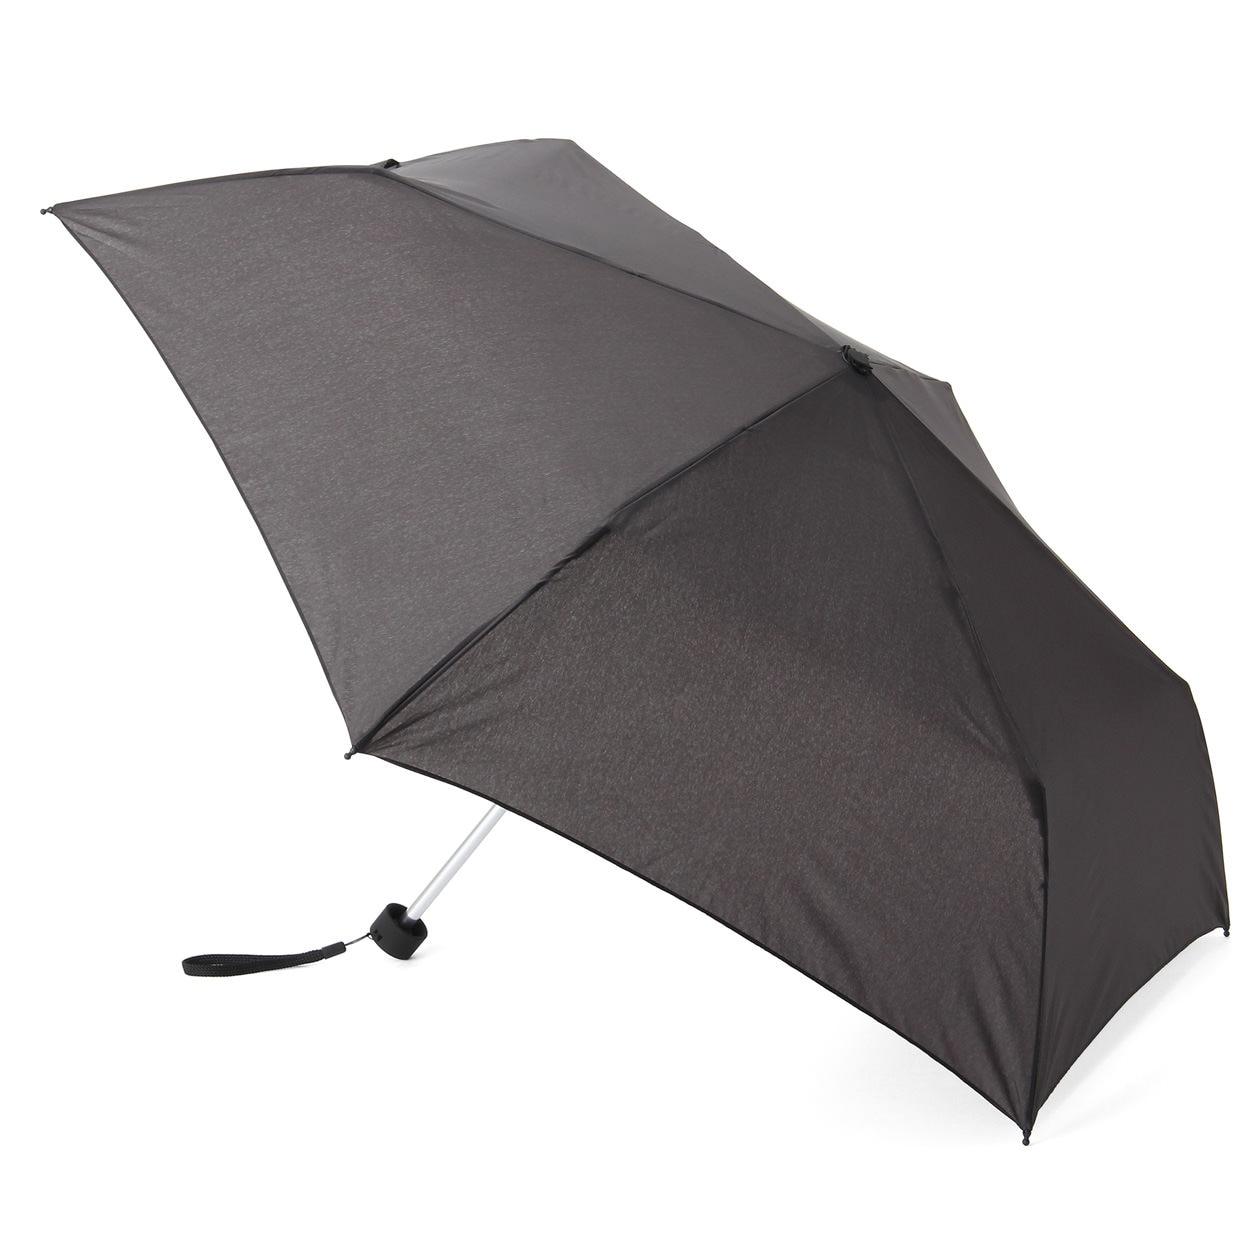 晴雨兼用ポリエステル軽量コンパクト折りたたみ傘